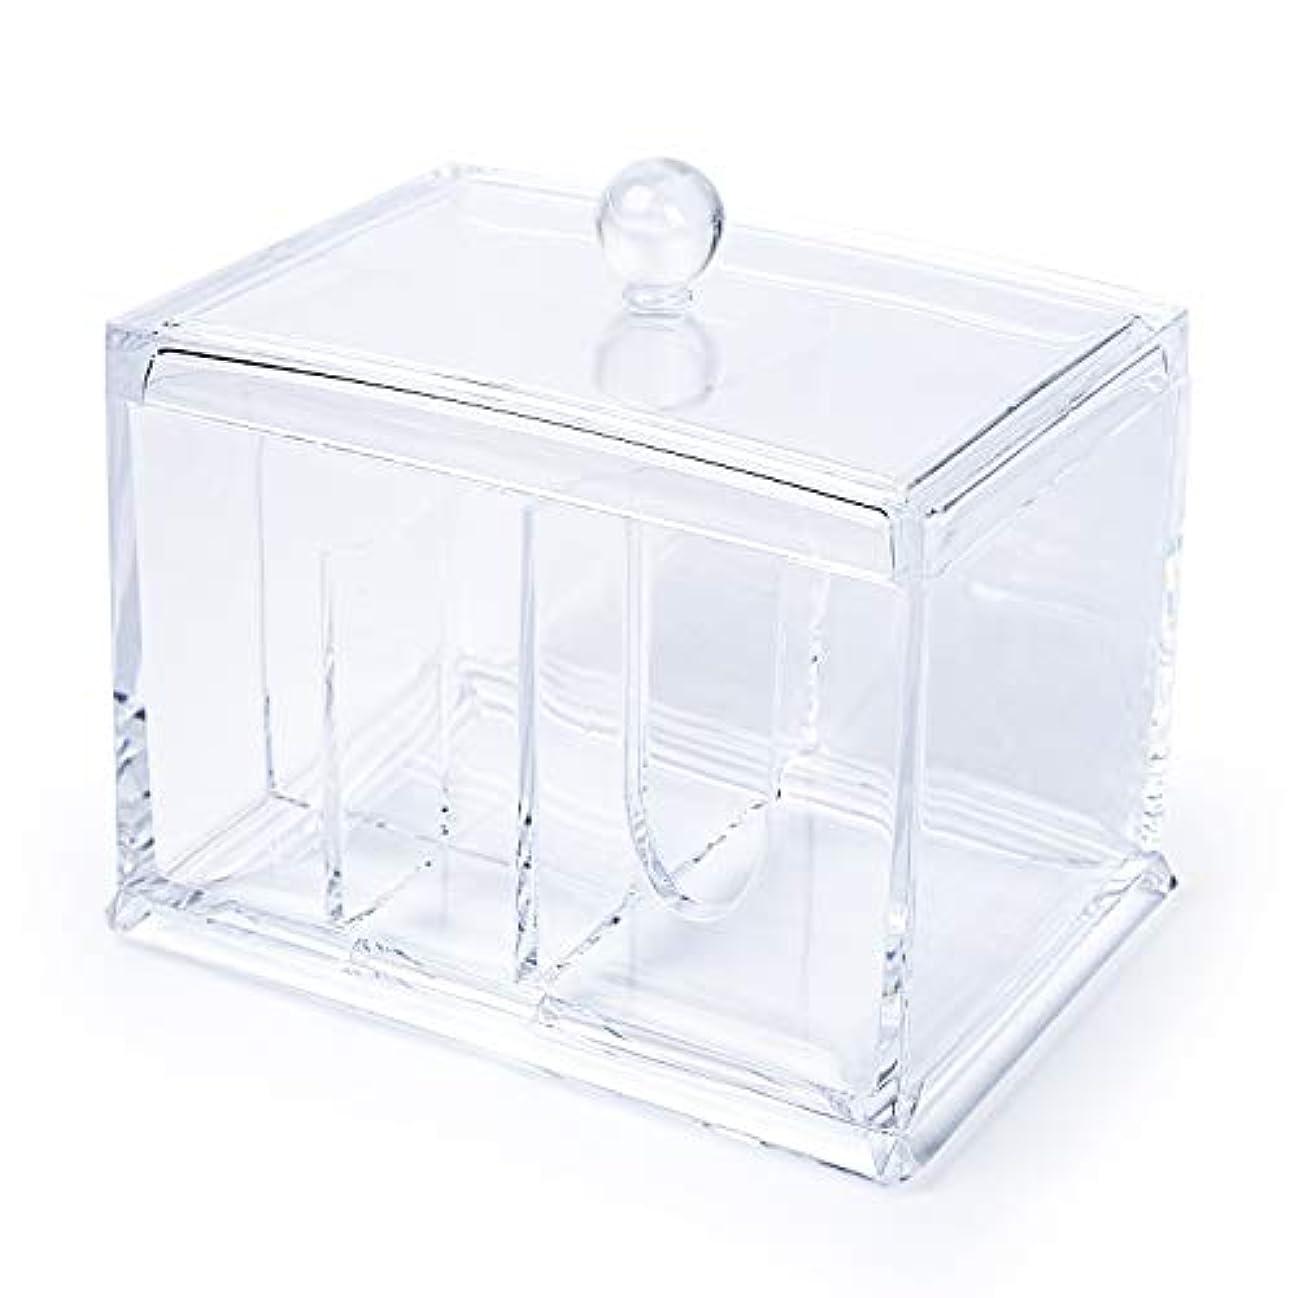 ELOKI 収納ボックス アクリルケース 収納ボックス 綿棒 小物?コスメ小物用品収納 ジュエリーボックス アクセサリー 透明 防塵?蓋付き アクリル製